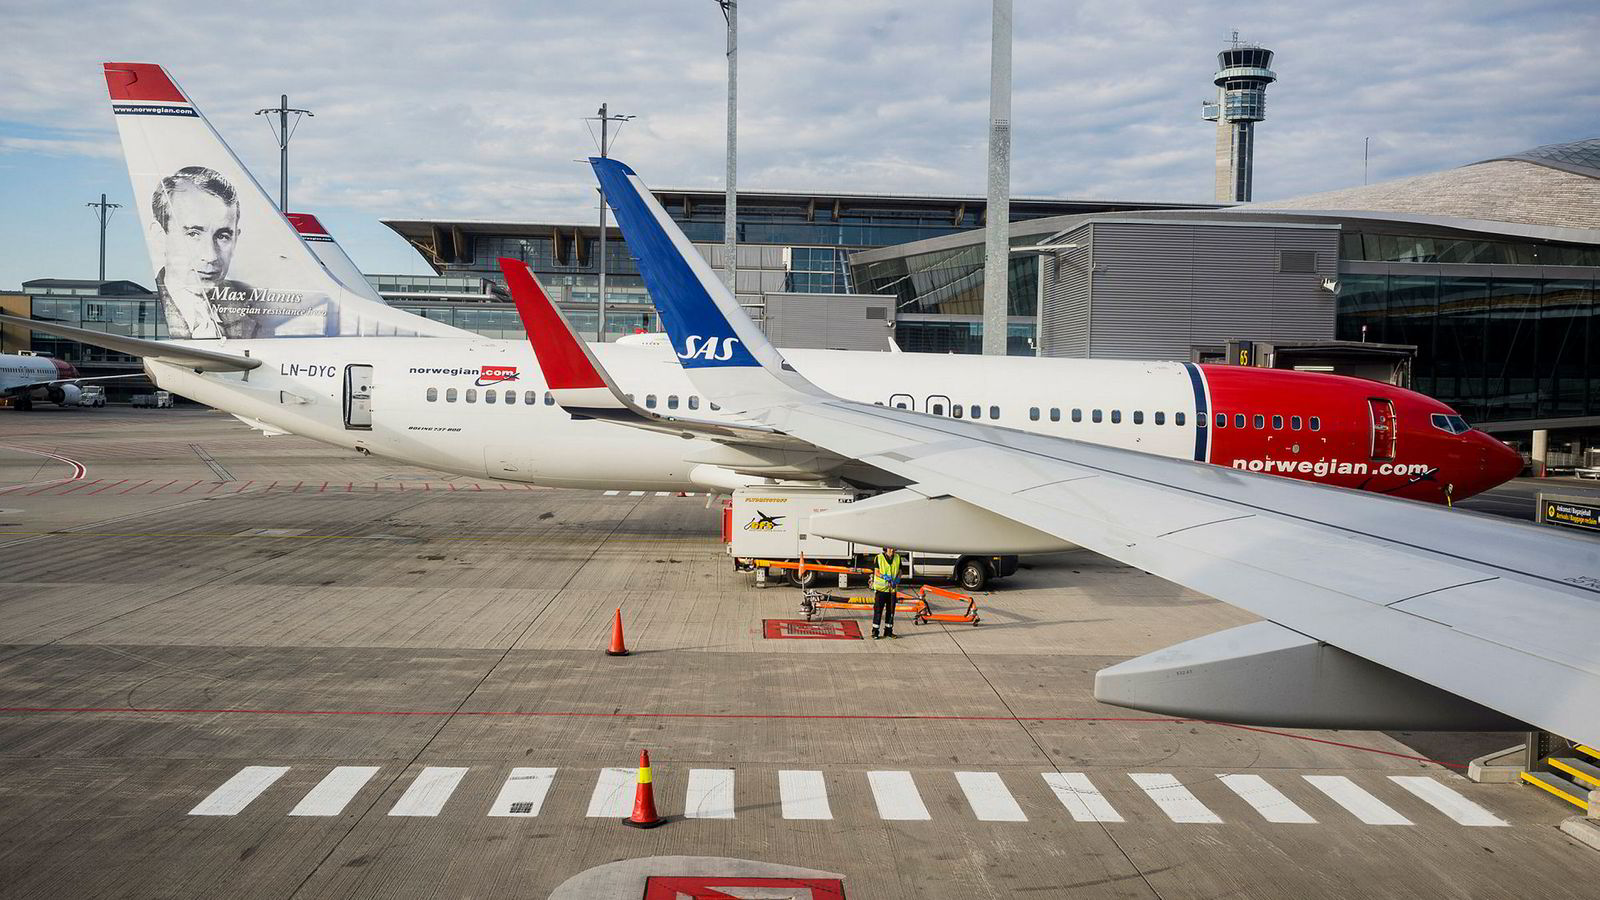 Flyselskapene klager på nye regler for bonuspoeng, men hvorfor kan de ikke fikse det selv?